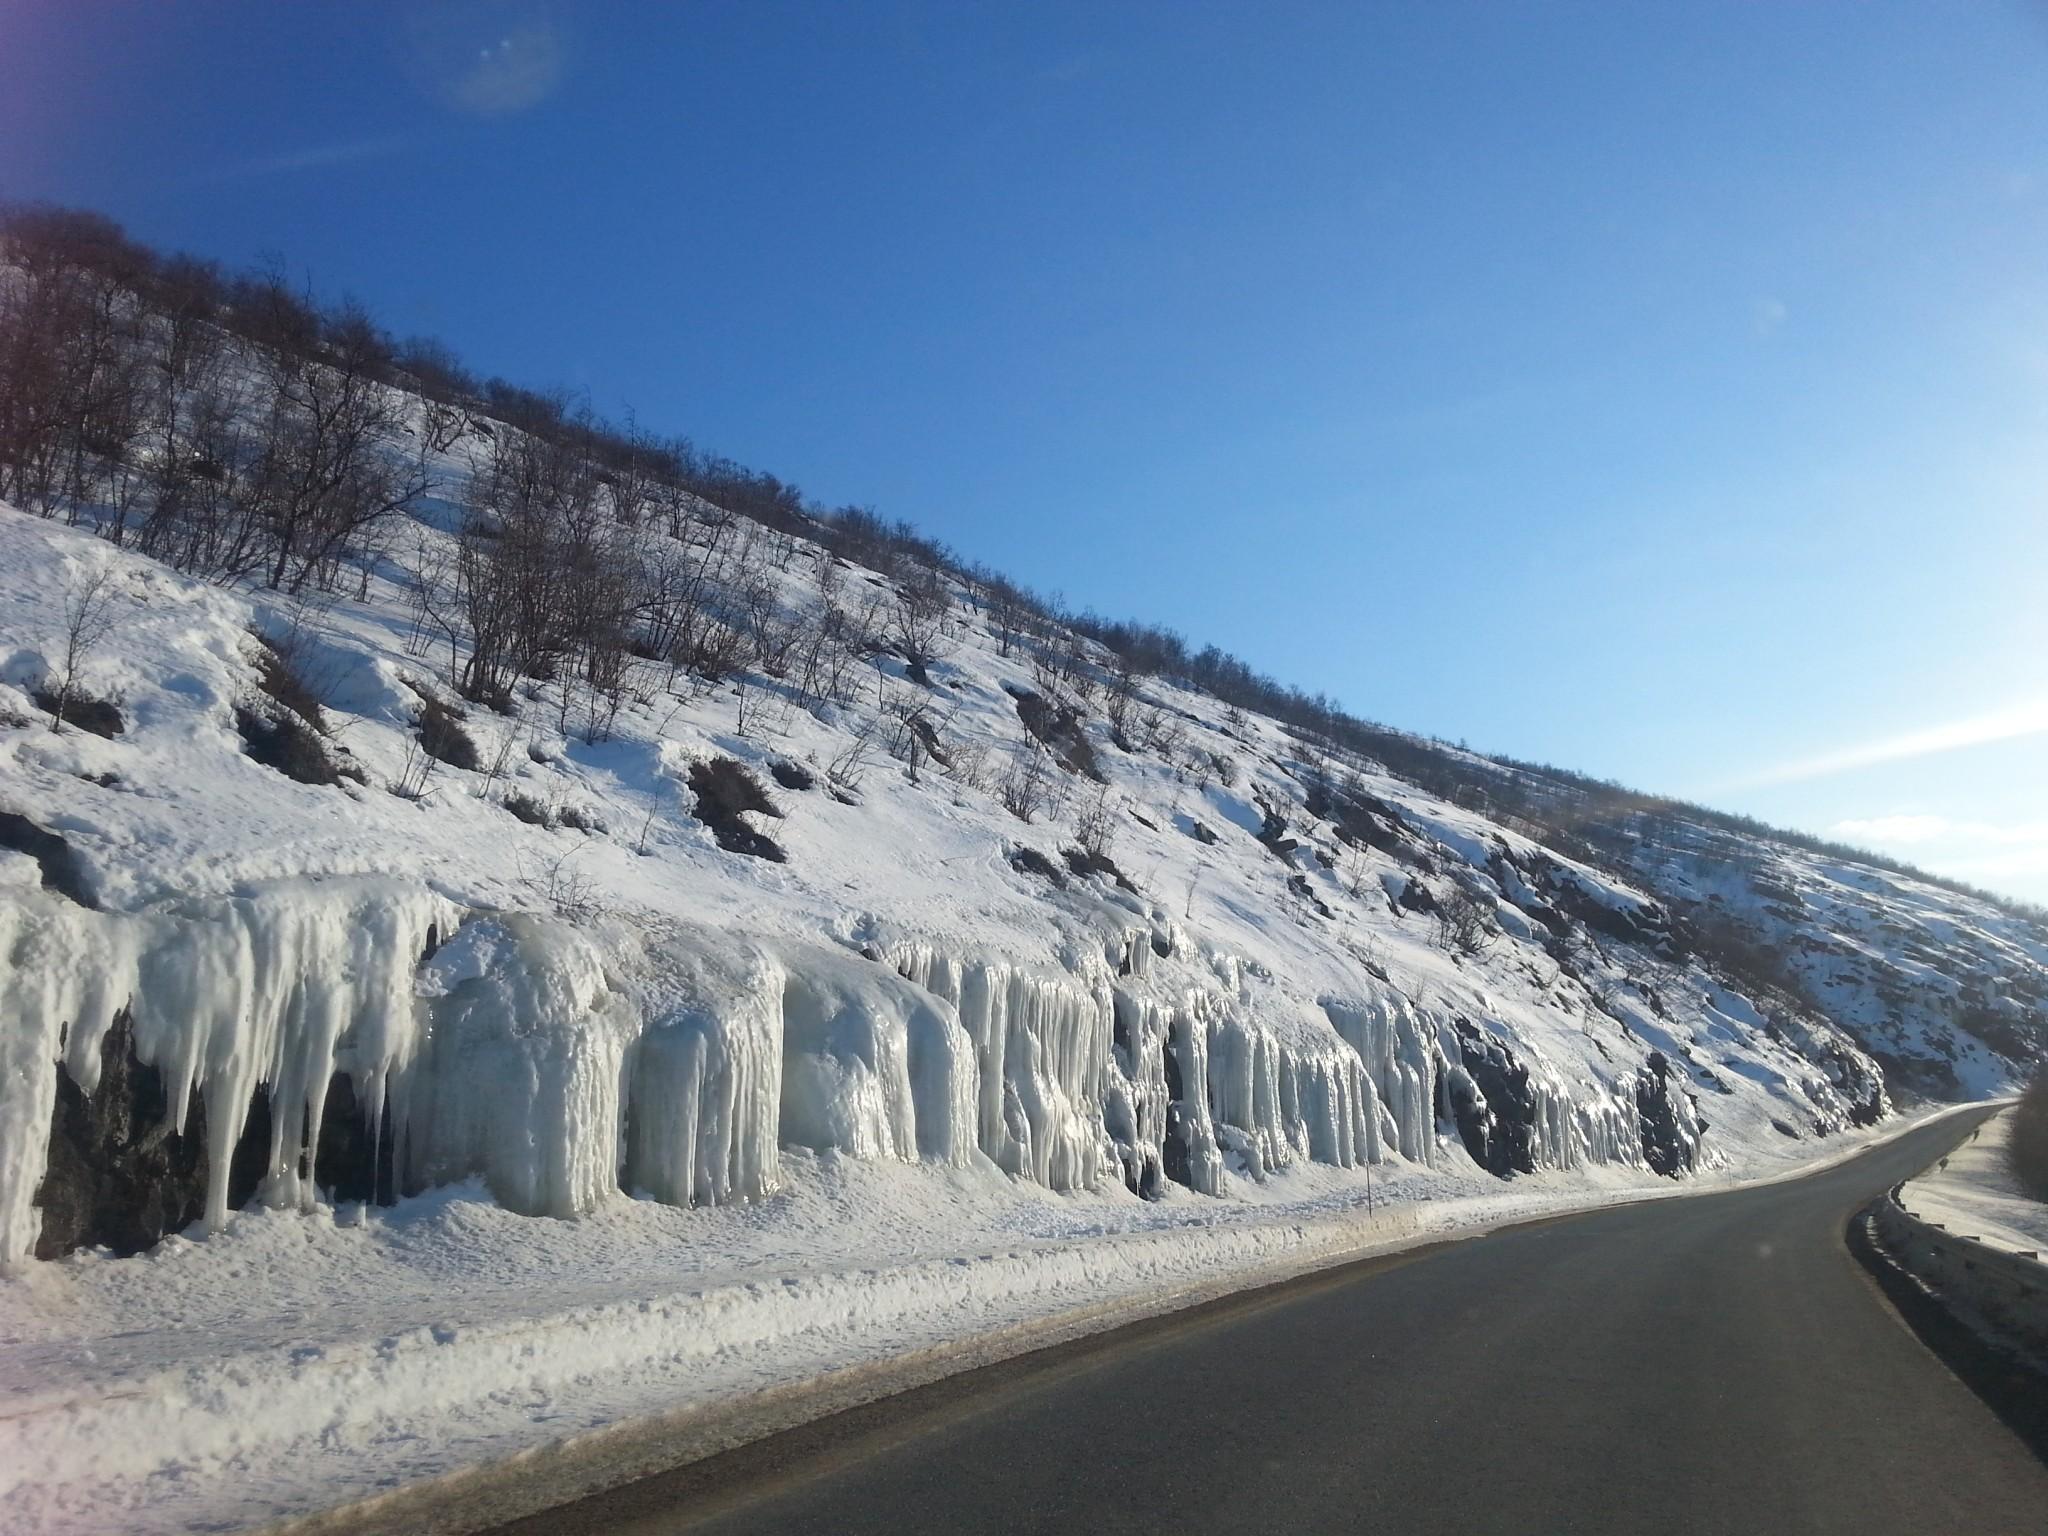 Matkan varrelta löytyi myös upeita jääputouksia!